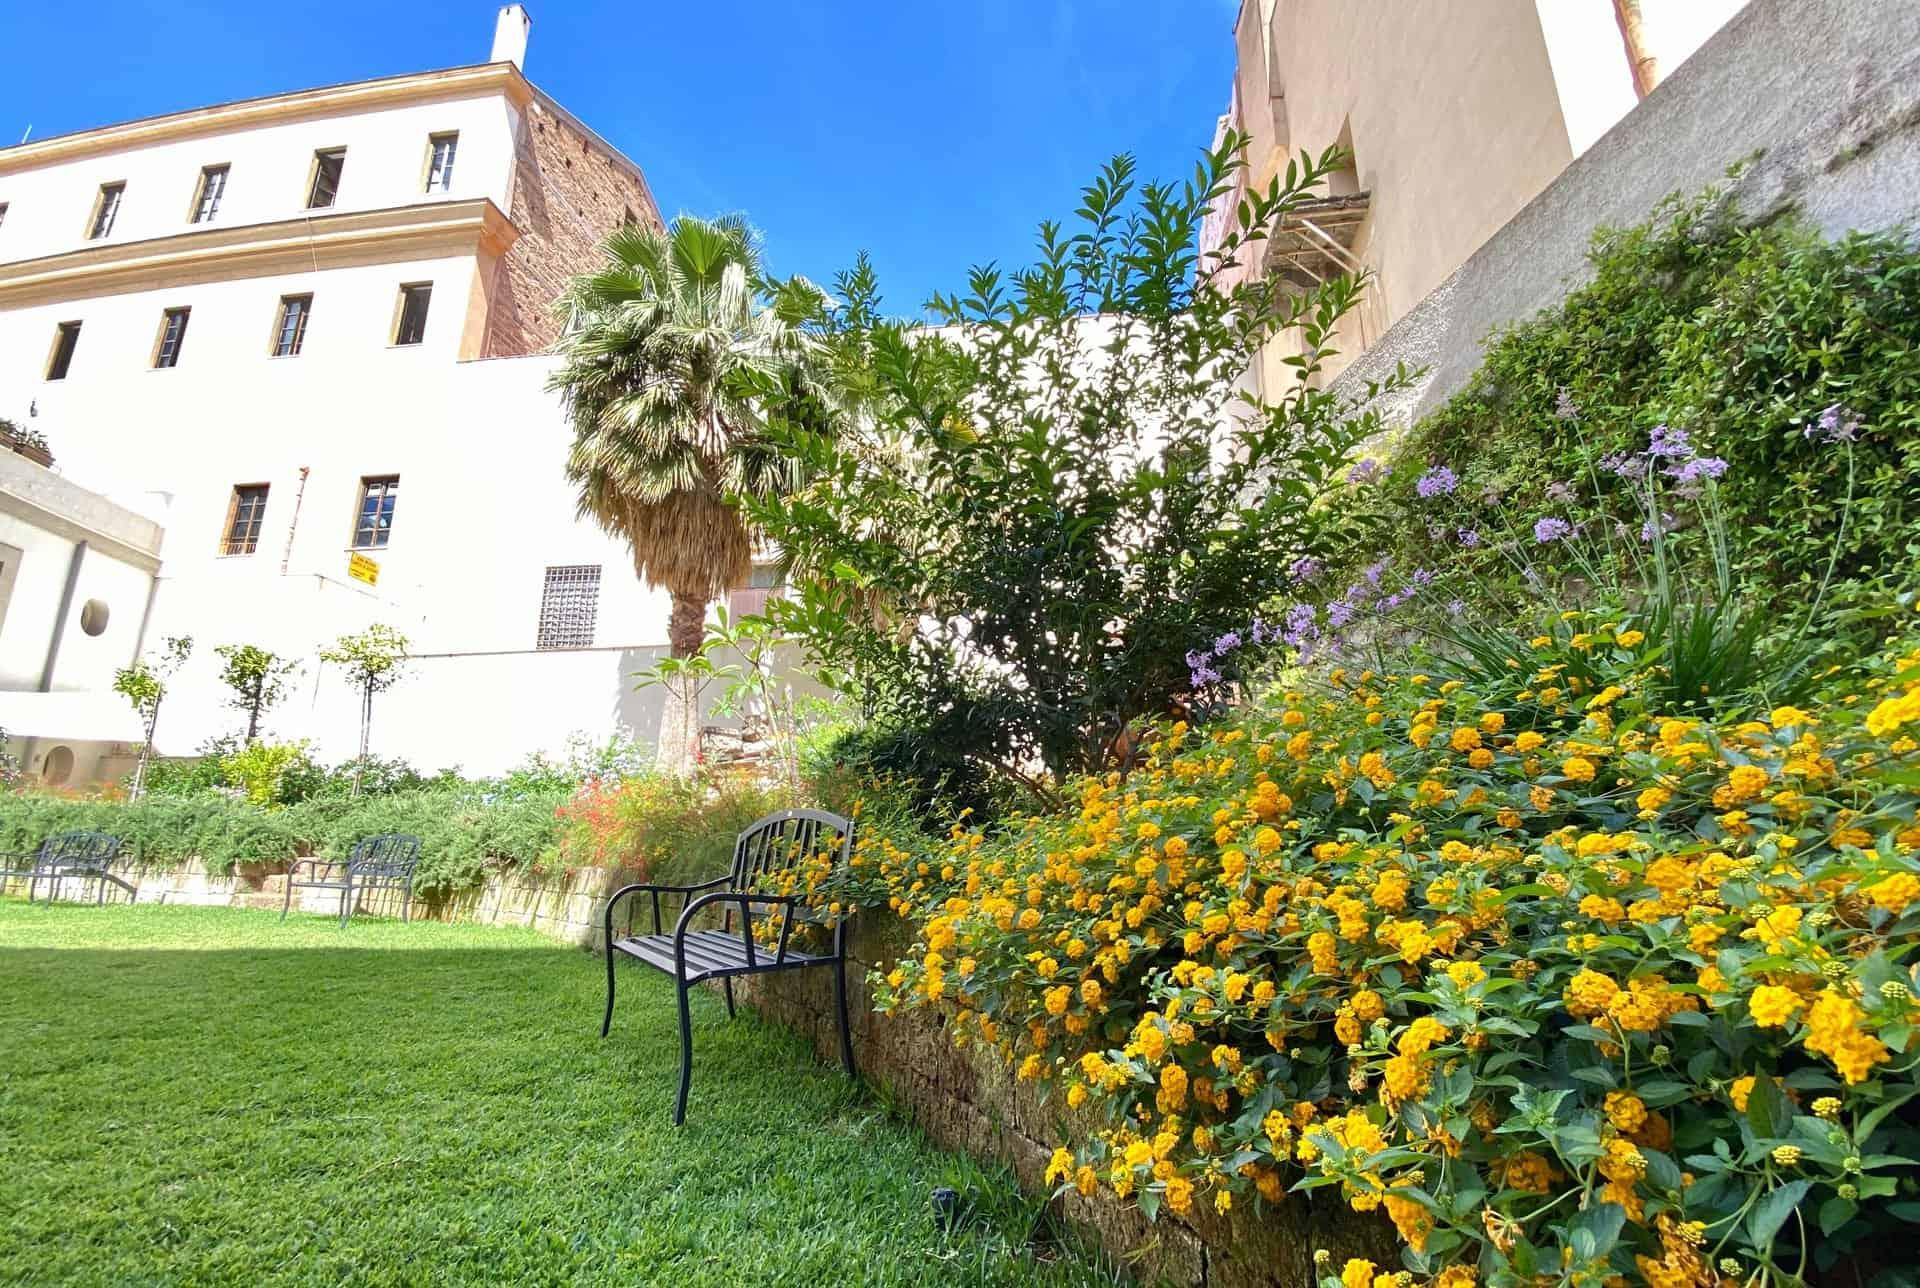 Palazzo-Lampedusa_giardino